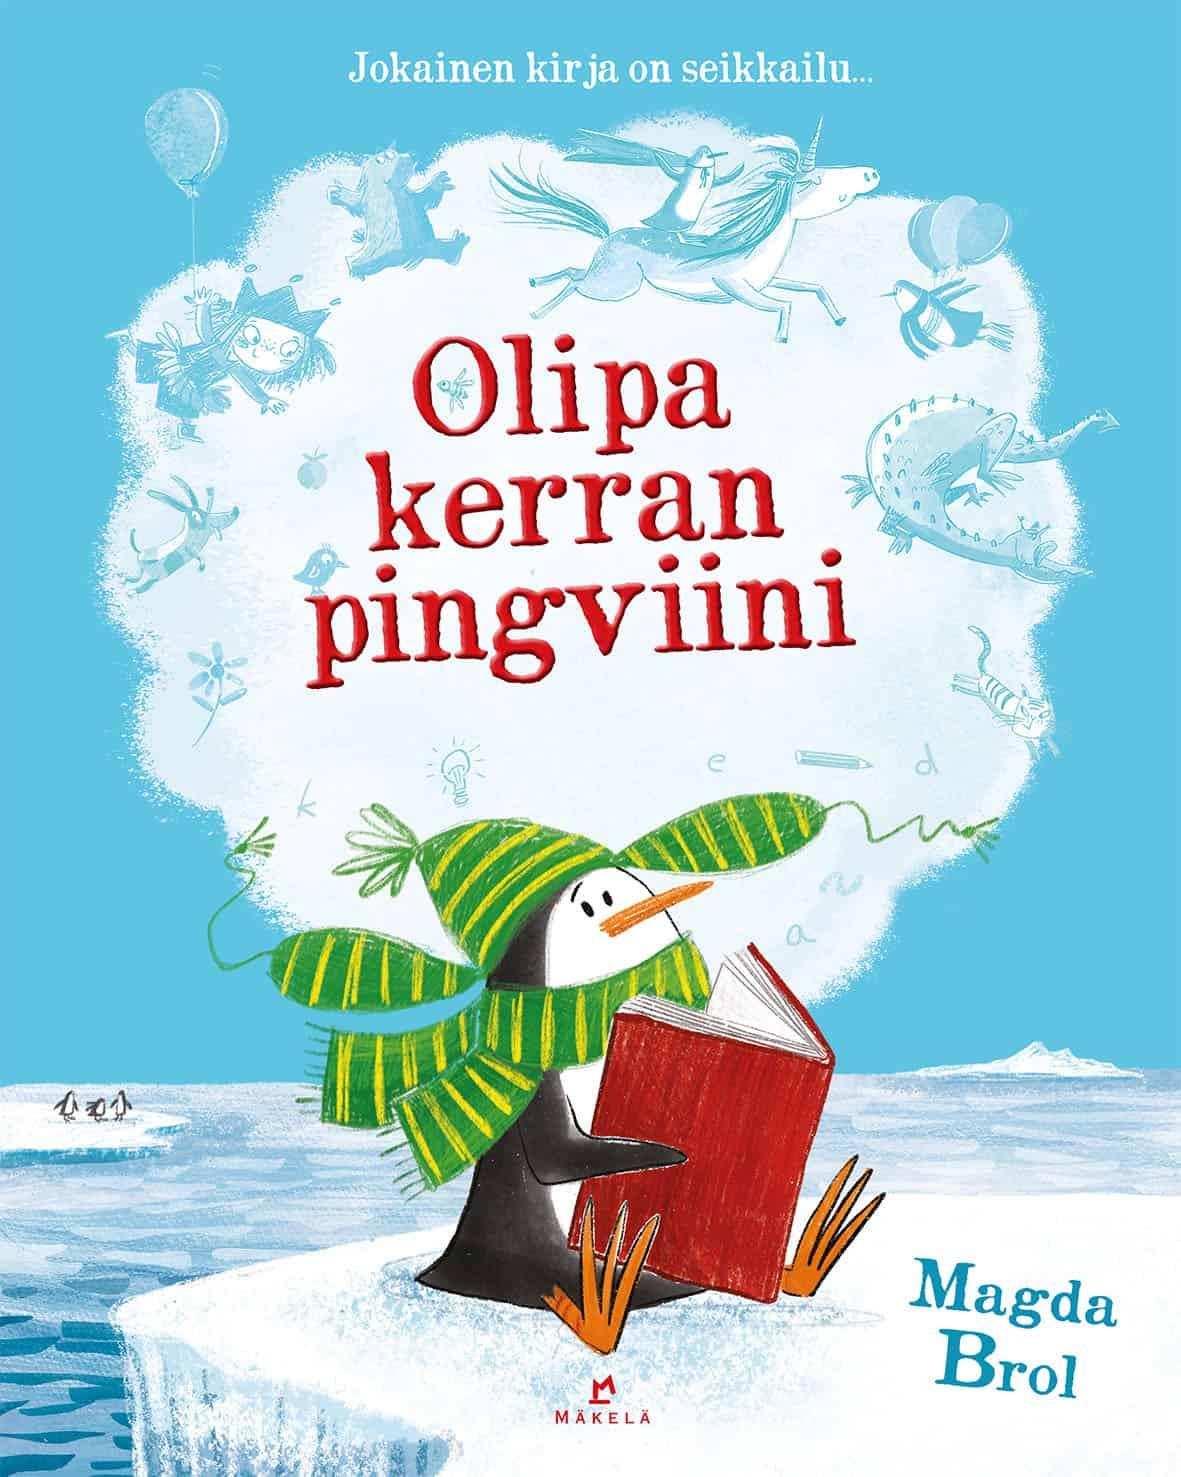 Olipa kerran pingviini